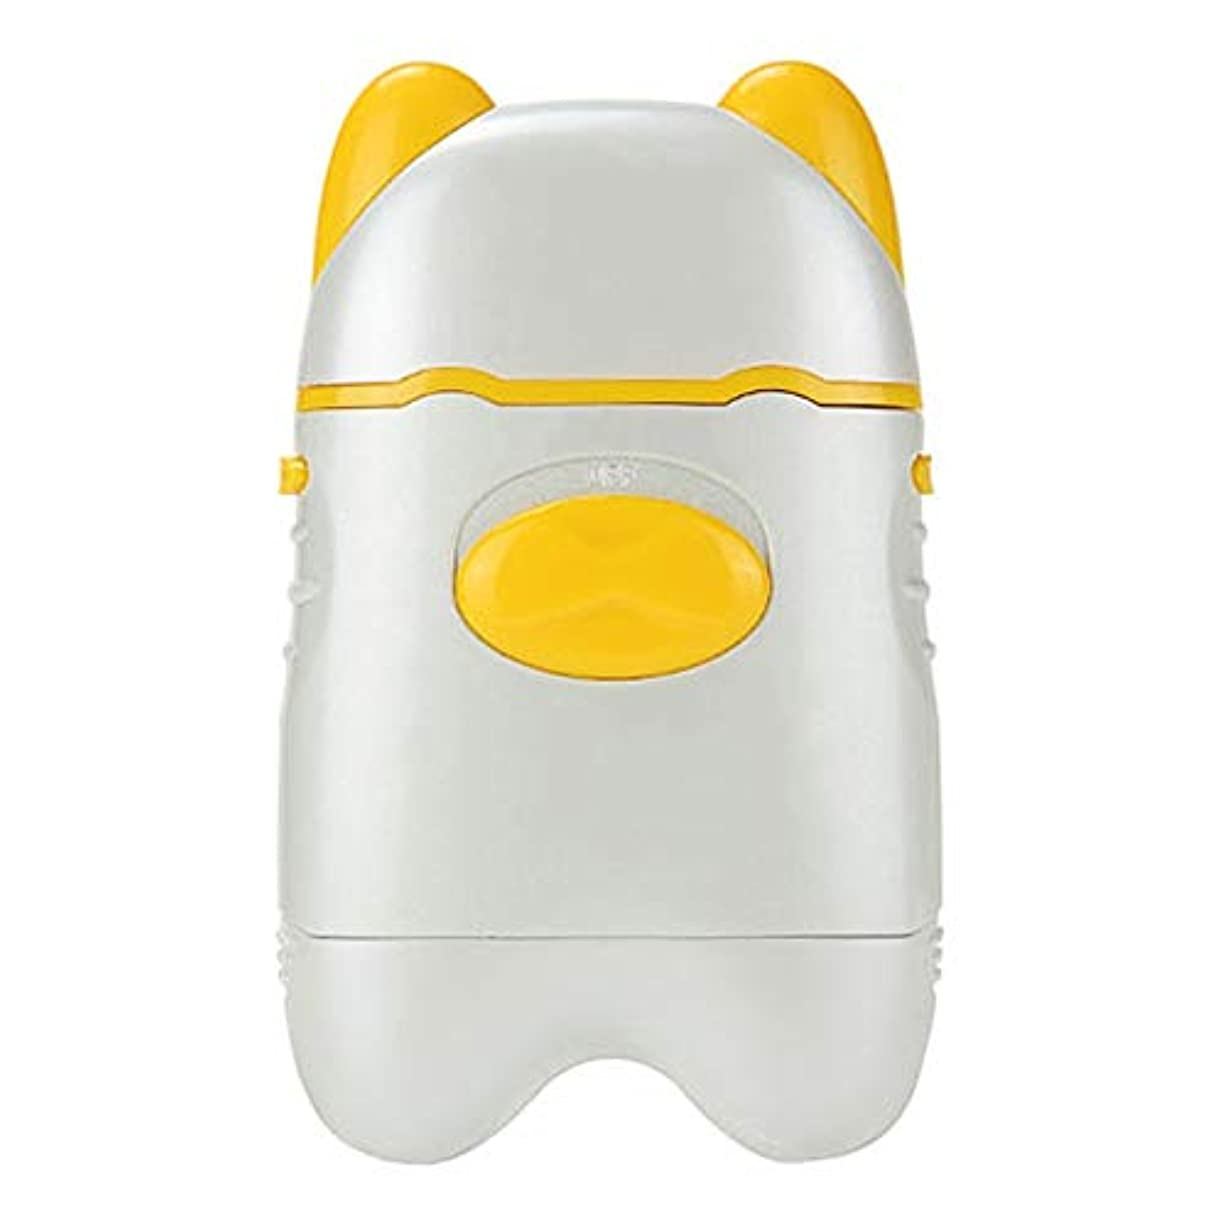 うめき声狂ったスリチンモイ電気子供のネイルはさみクリッパーズ自動マニキュアナイフドライバッテリー電動ネイルポリッシャーネイル